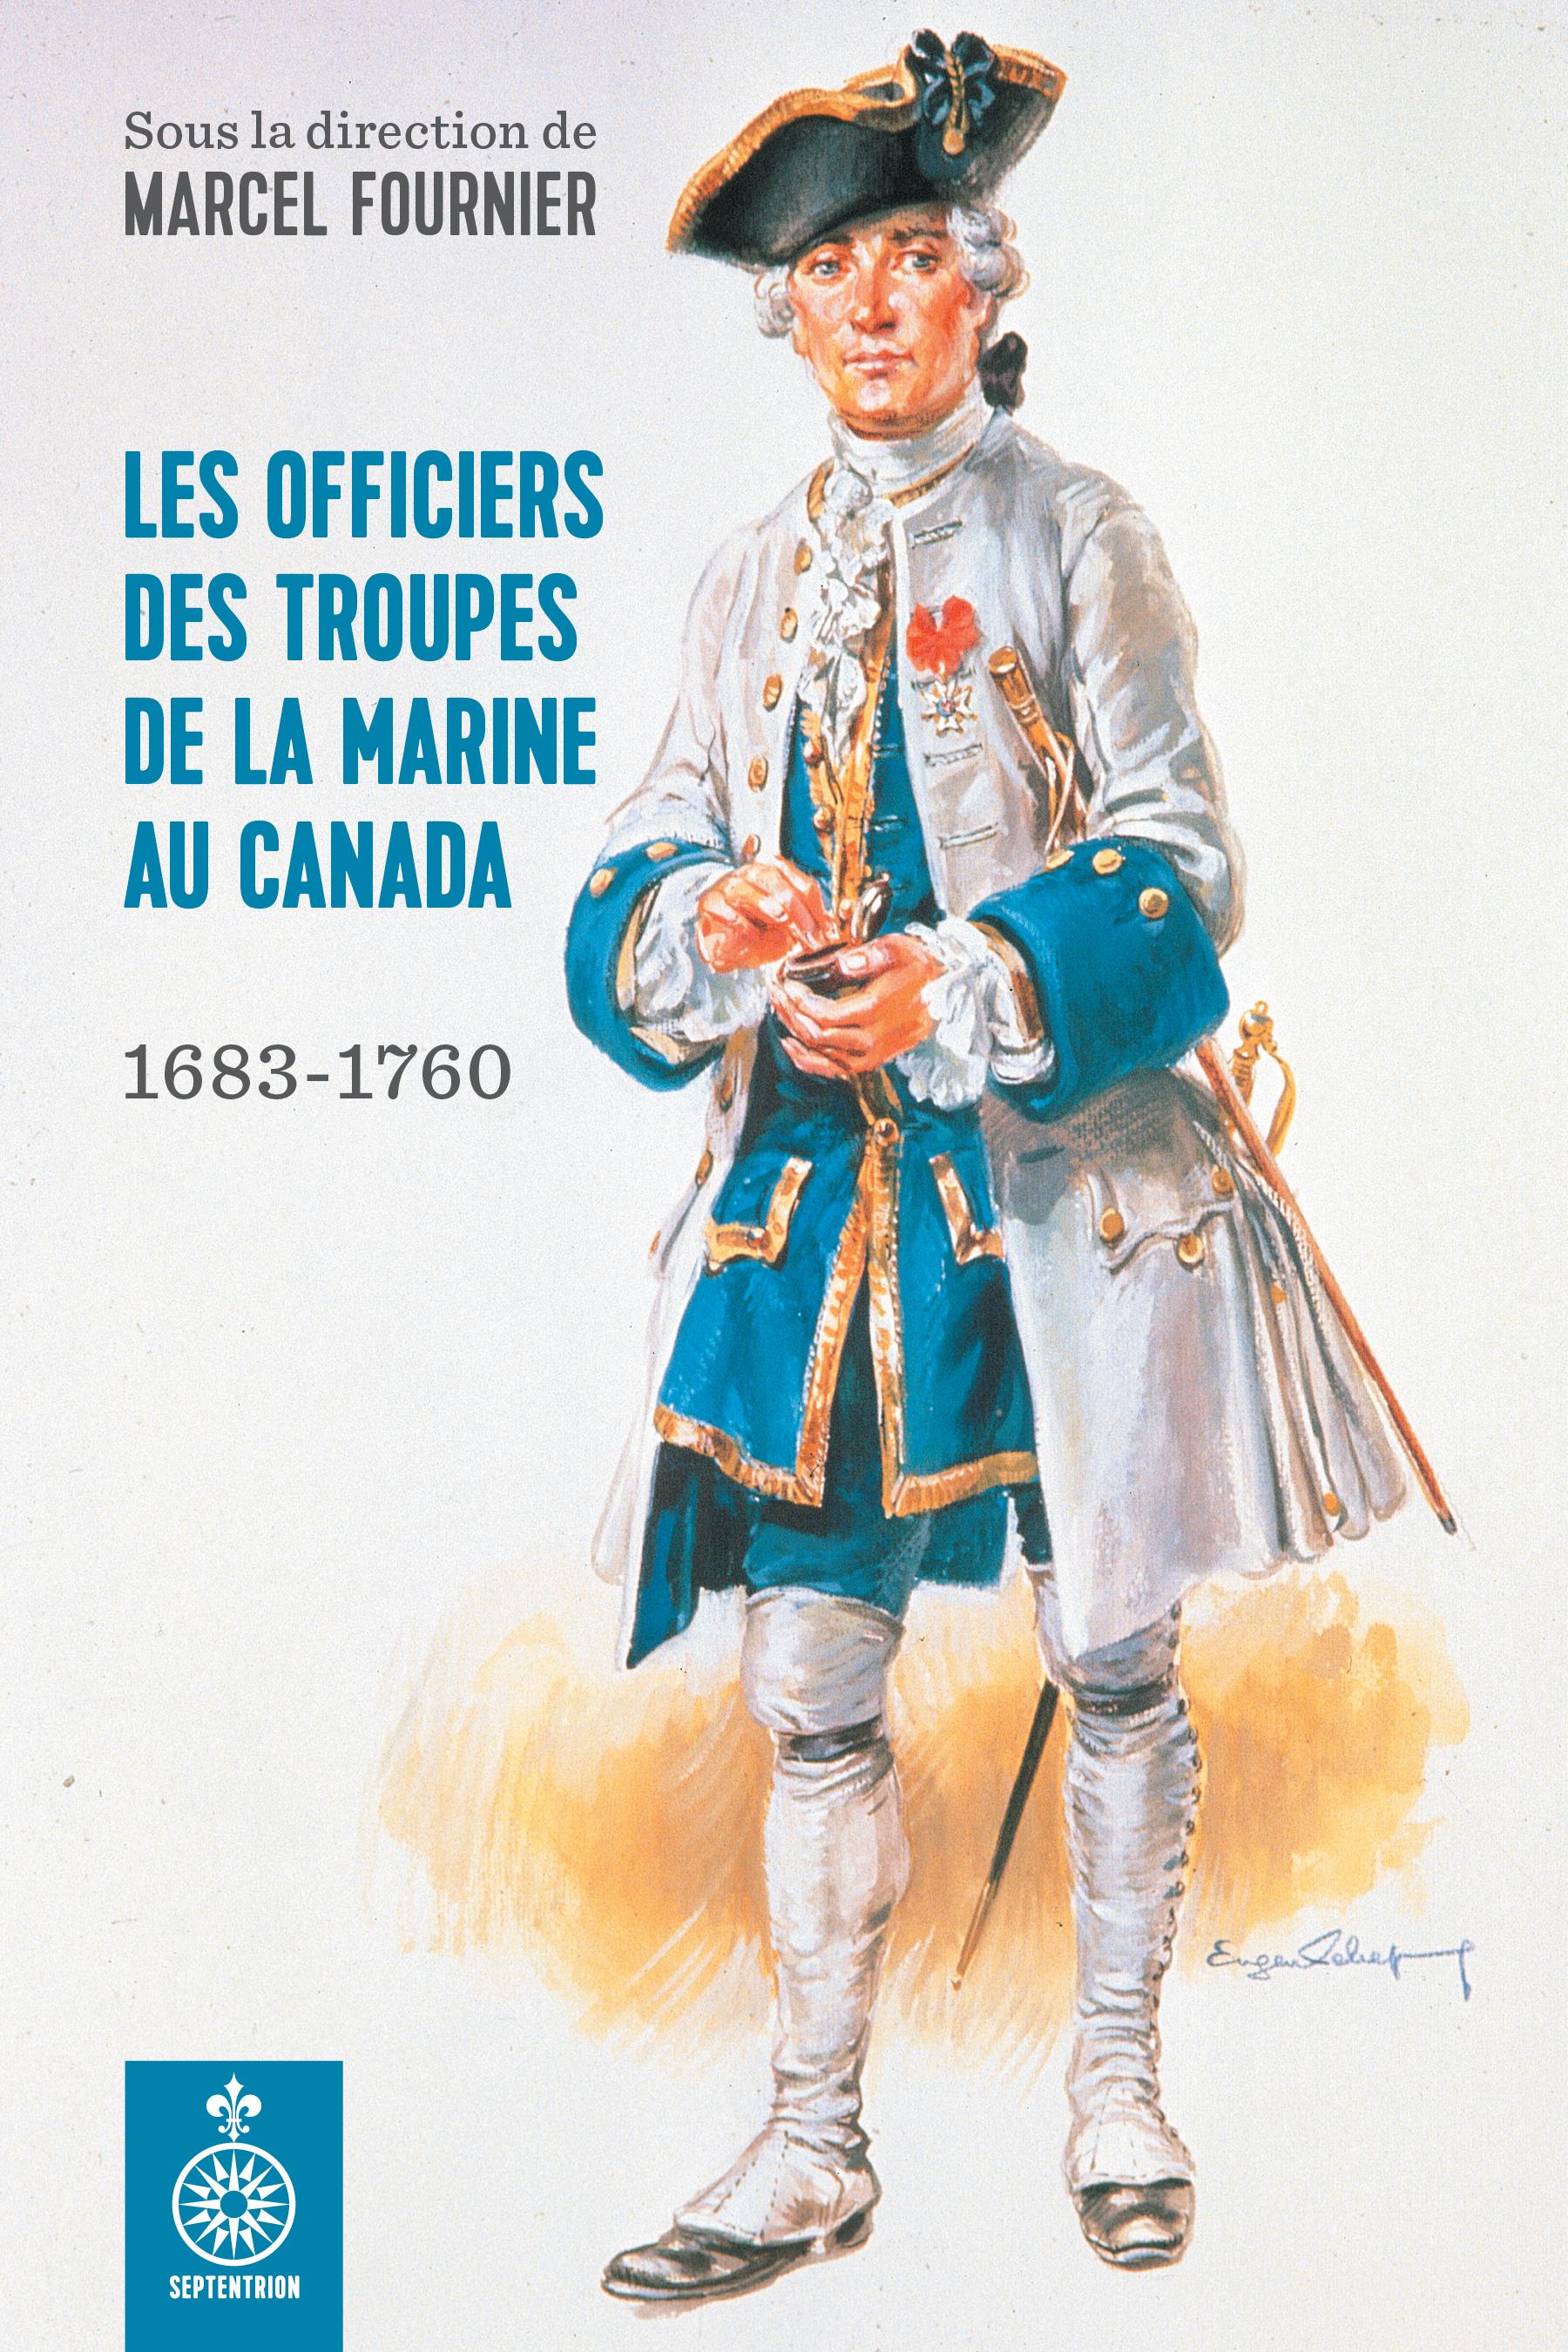 Les Officiers des troupes de la Marine au Canada